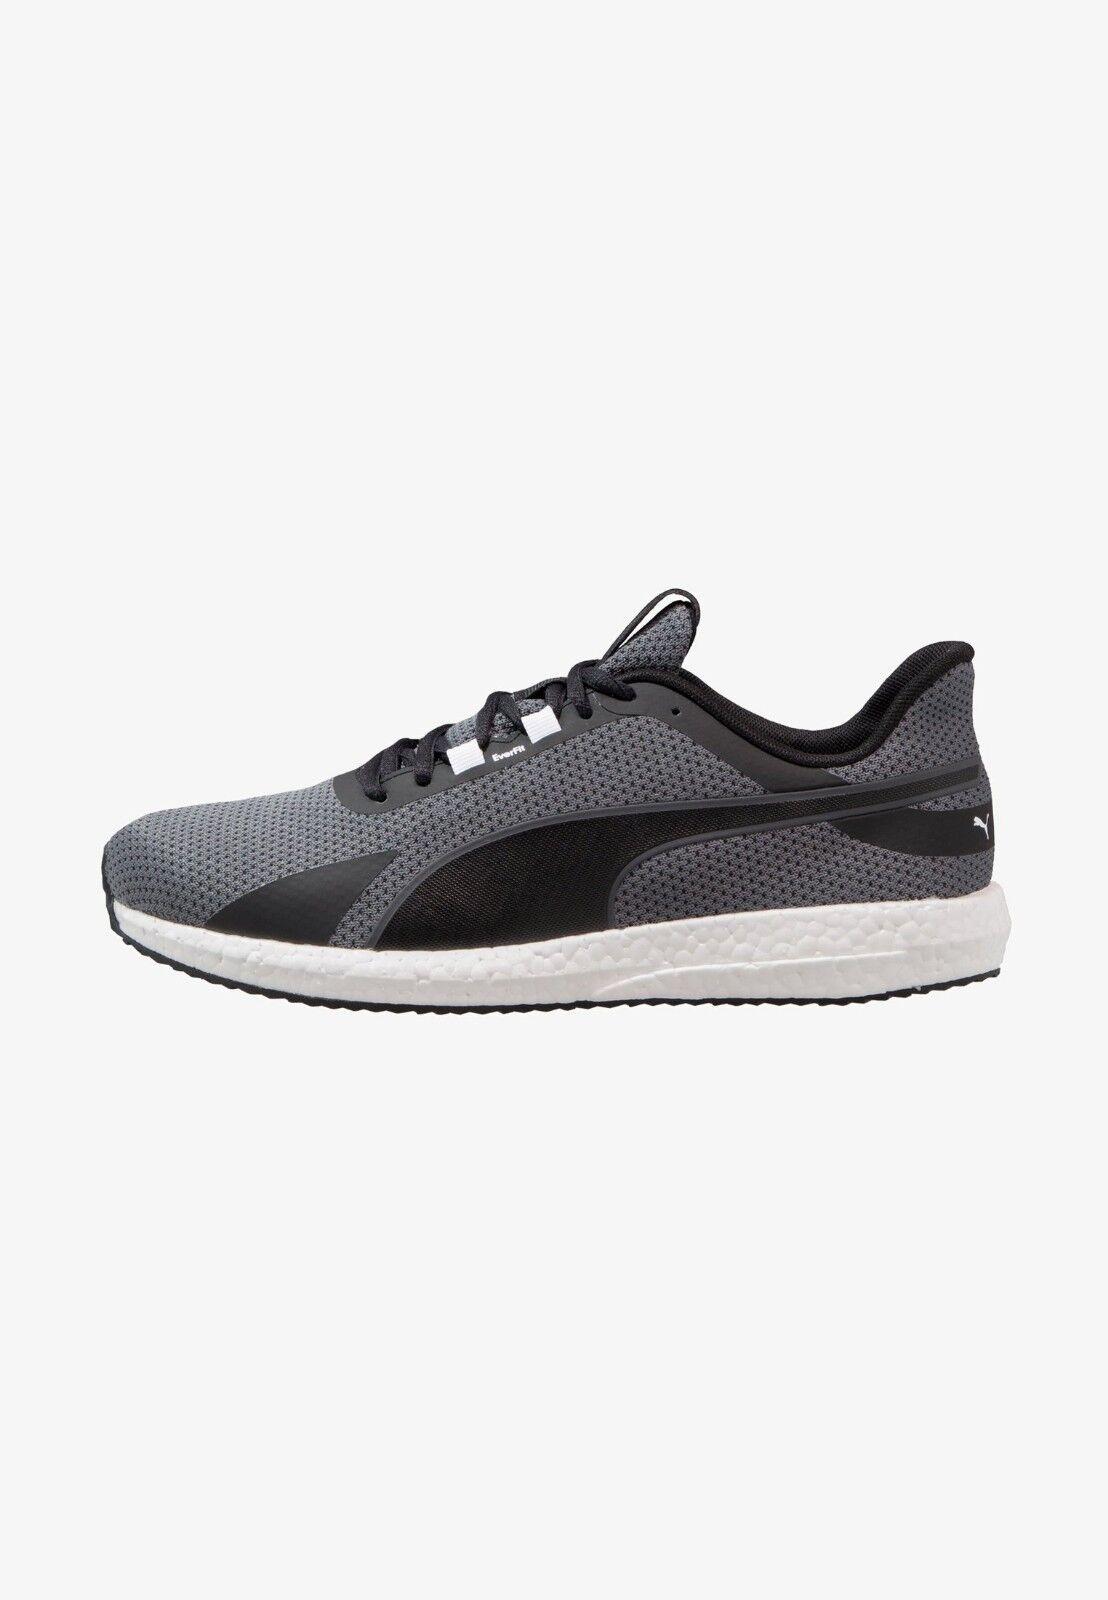 PUMA MEGA NRGY TURBO Taille 13 noir NEUTRAL fonctionnement chaussures 100% GENUINE BARGAIN